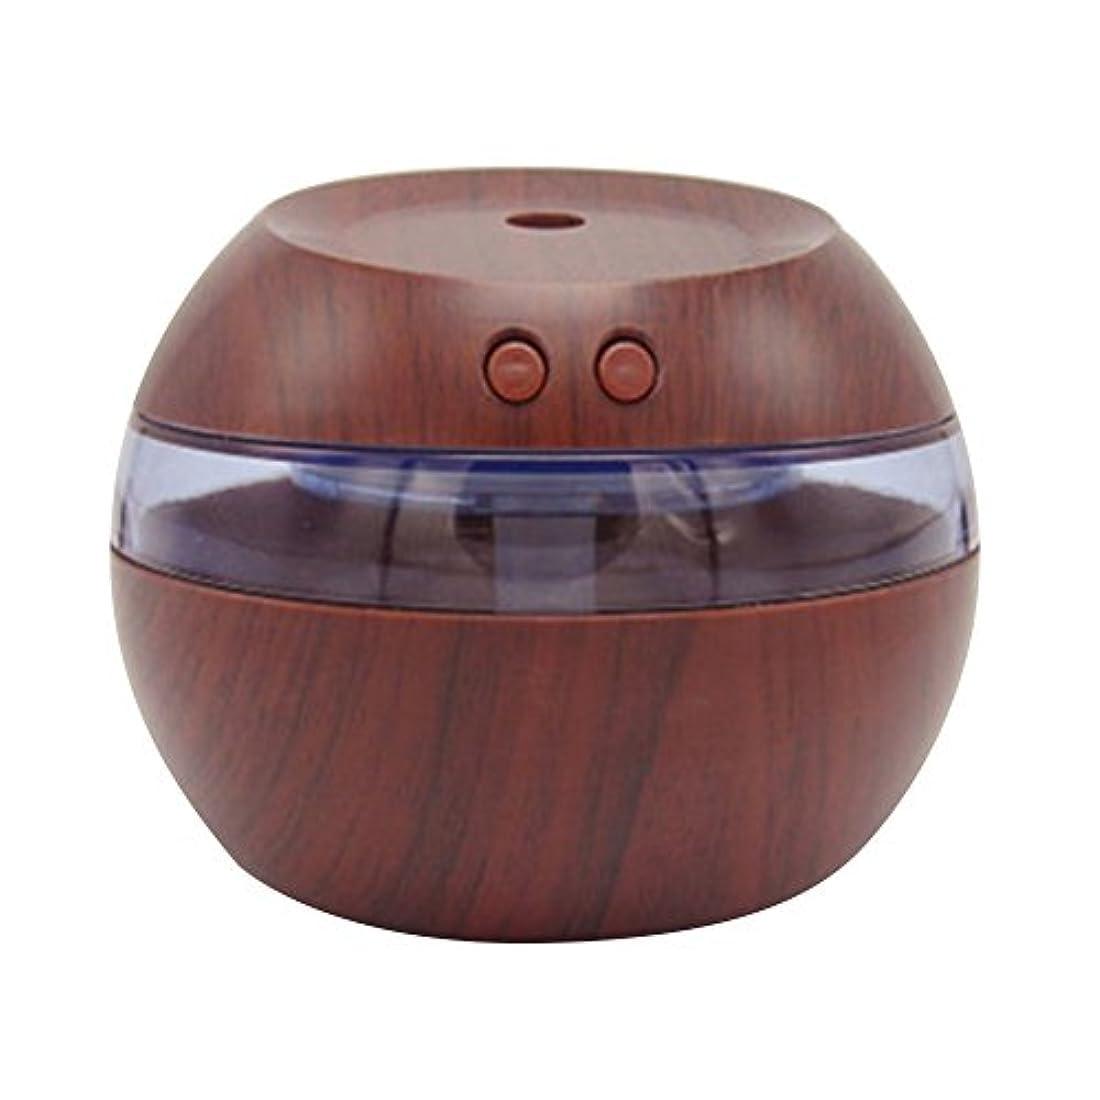 Cozyrom 超音波式 USB給電 空焚き防止 自動停止機能 車内用 部屋用 木目調 290ML スタイル1